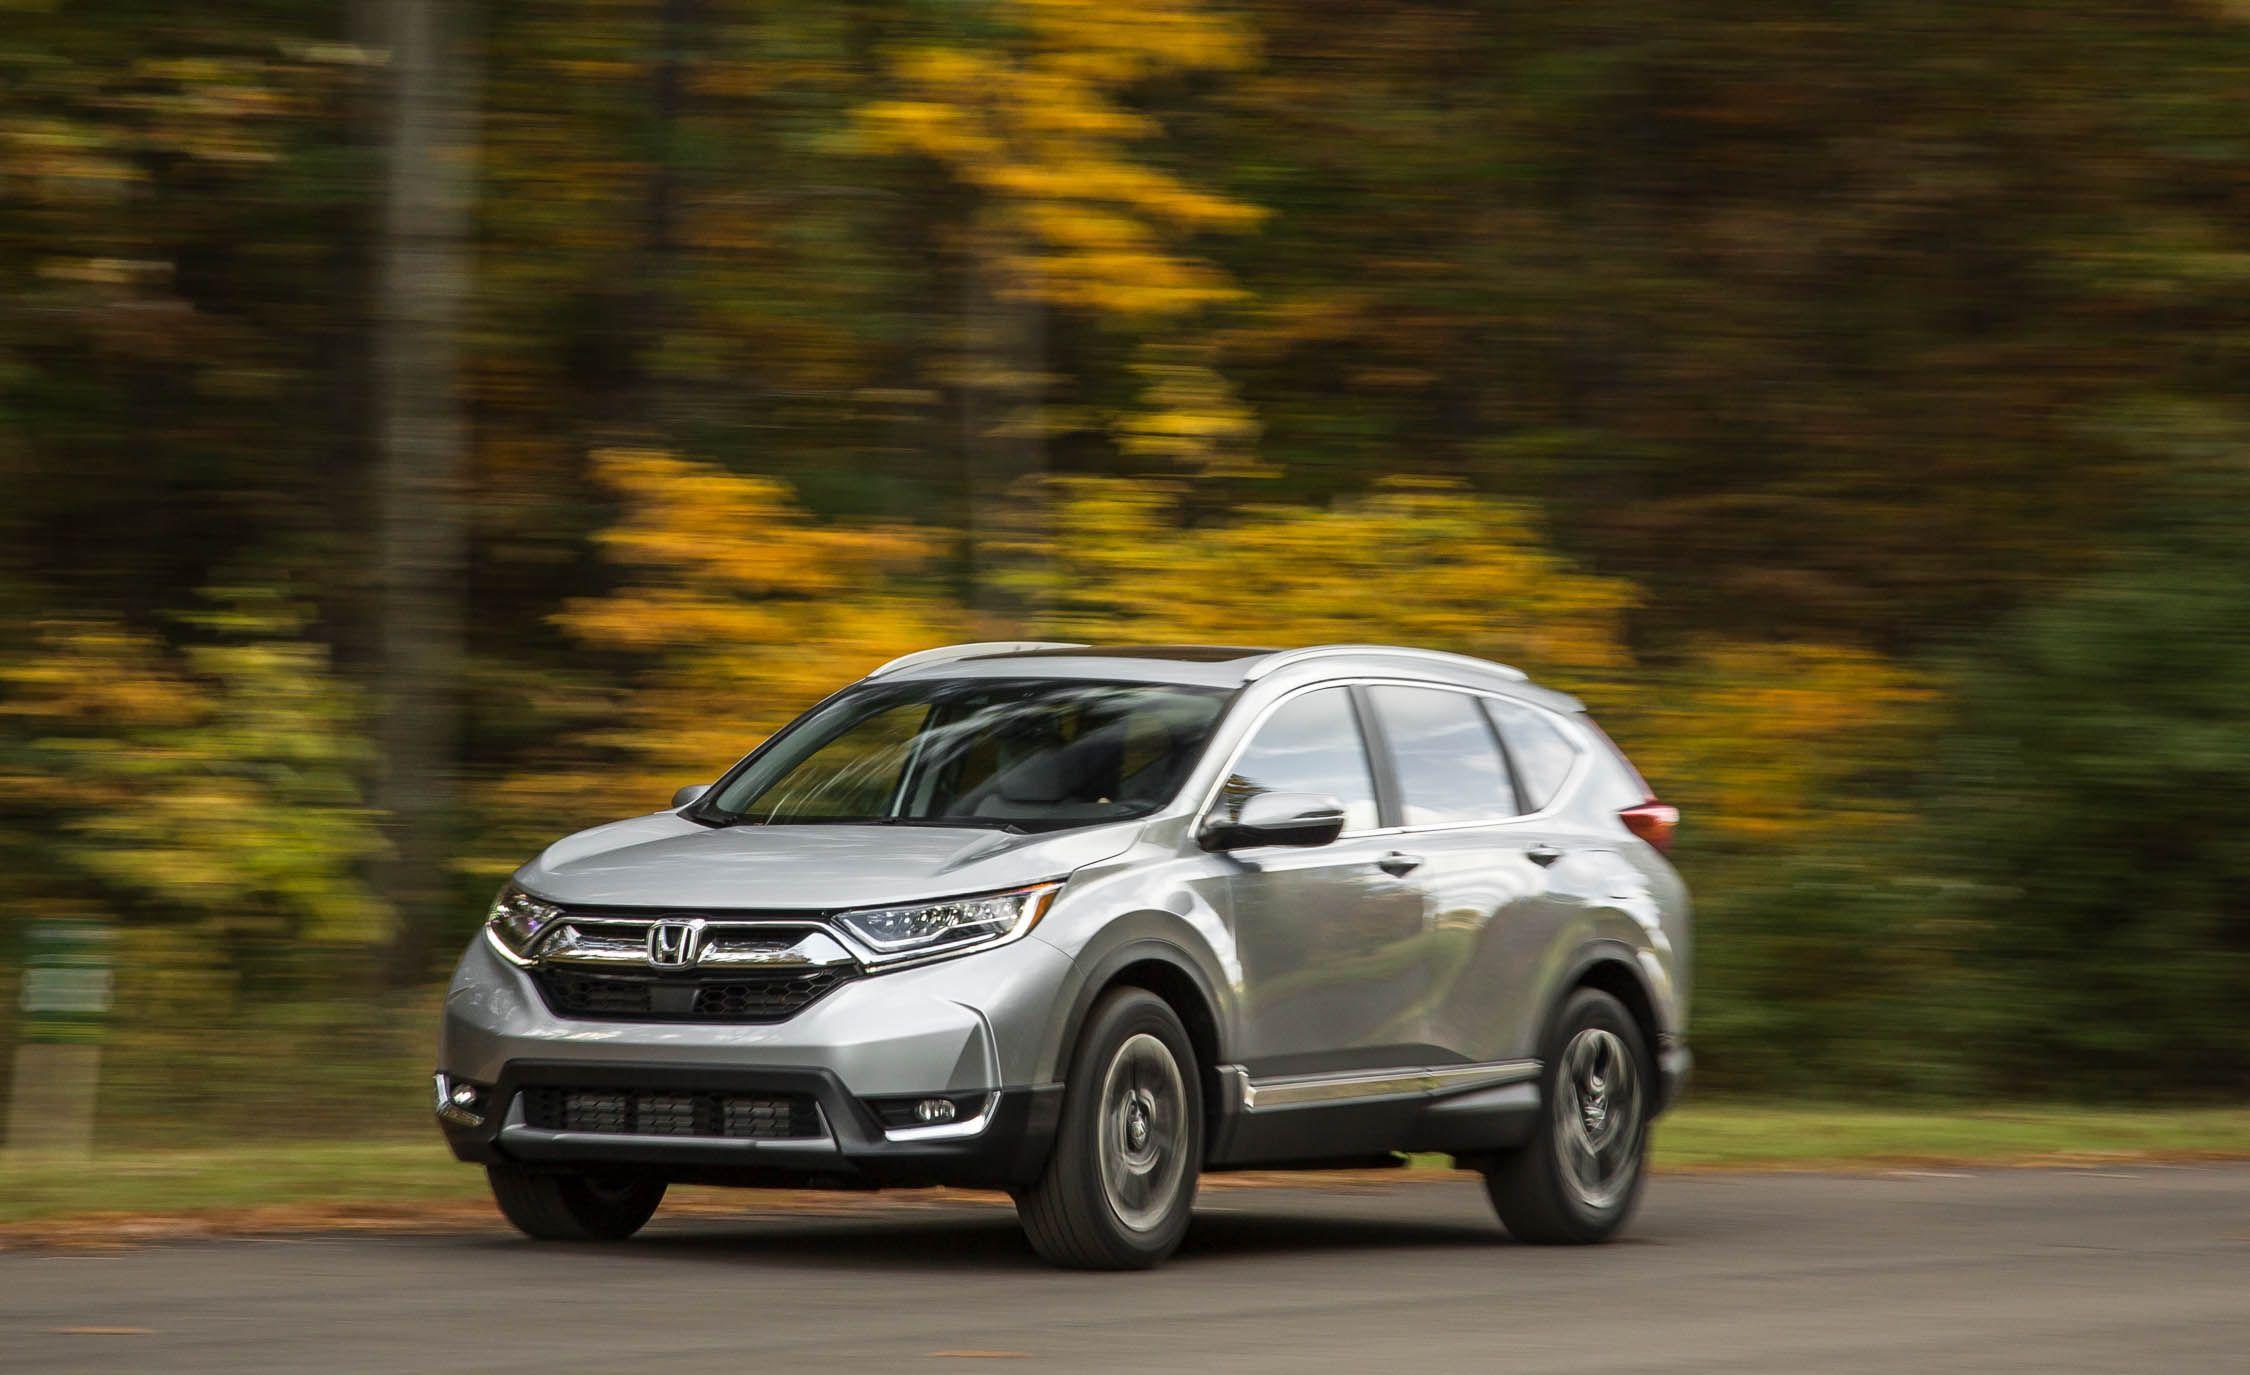 2019 Honda Cr V Reviews Price Photos And Specs Car Driver